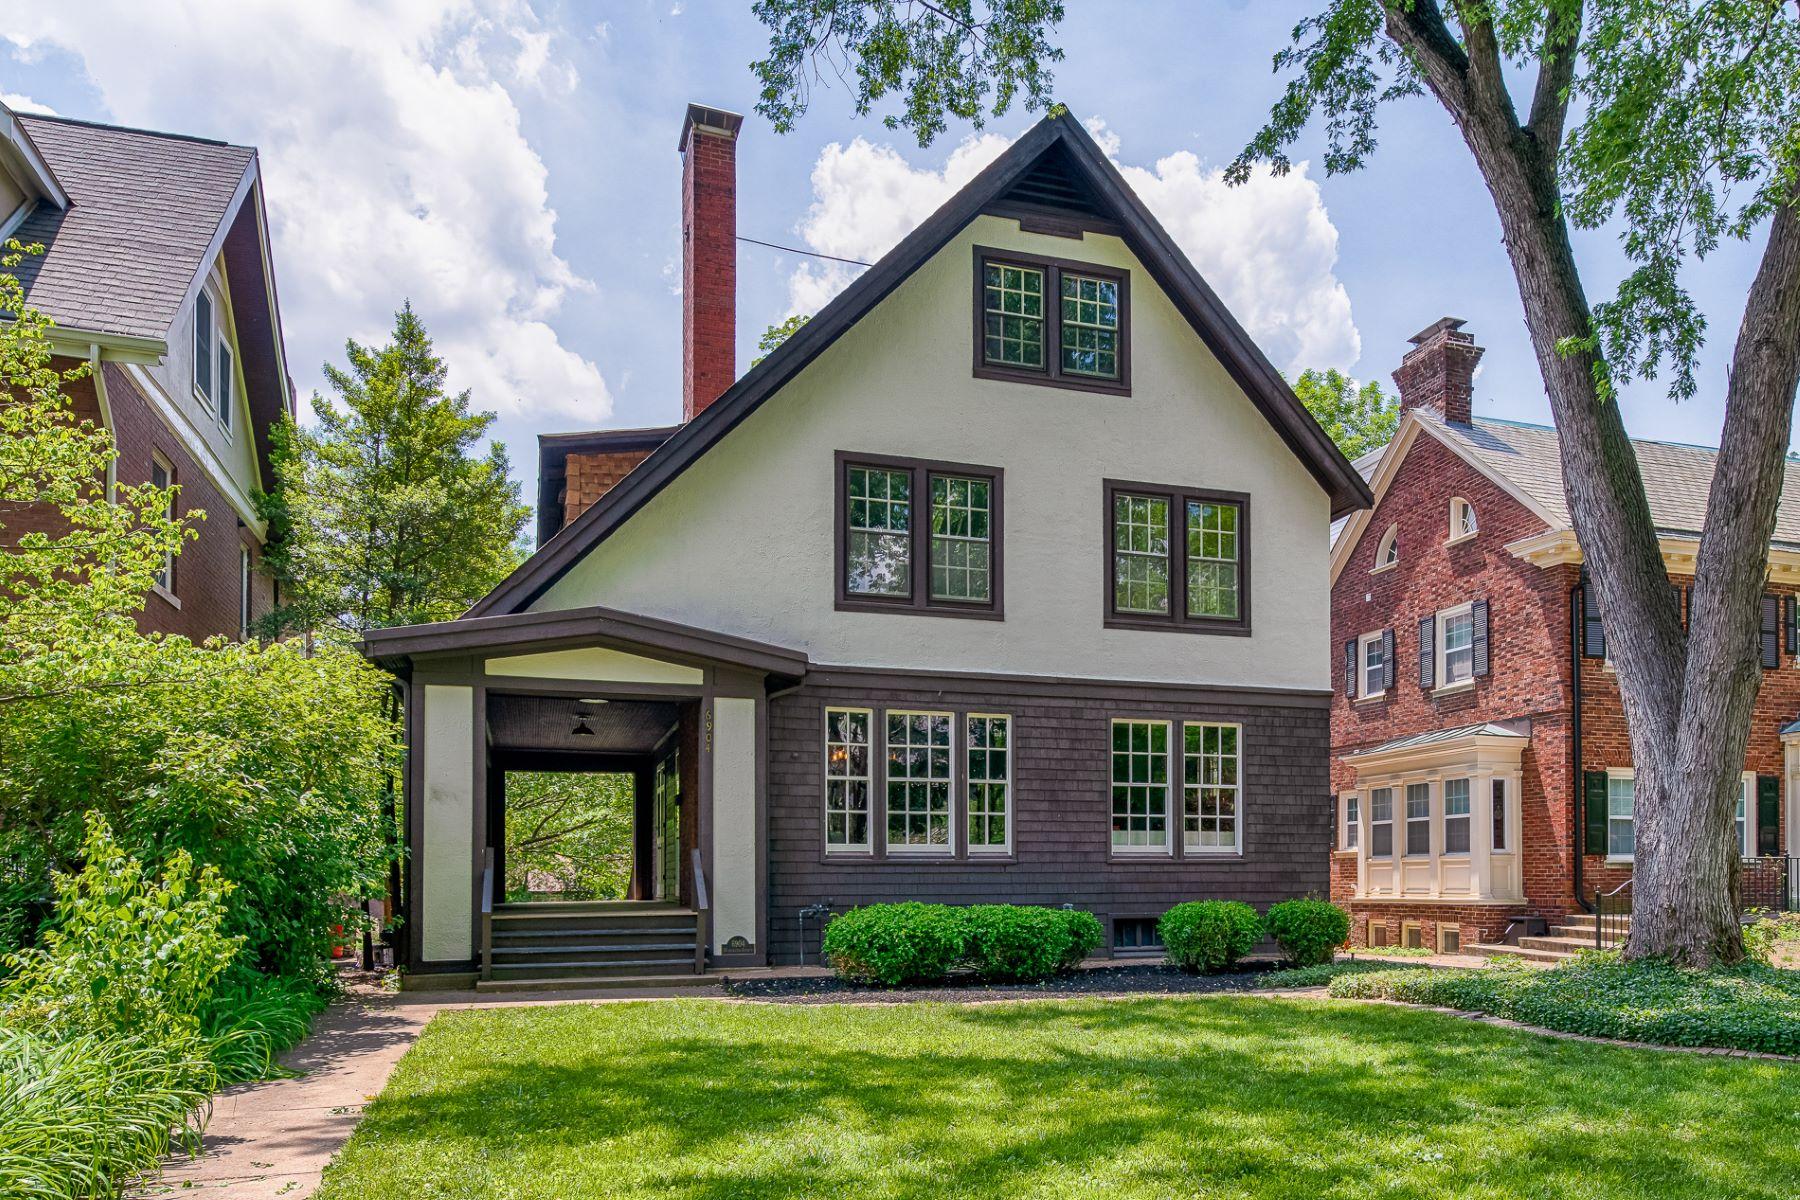 Single Family Home for Sale at Washington Ave 6904 Washington Avenue University City, Missouri 63130 United States